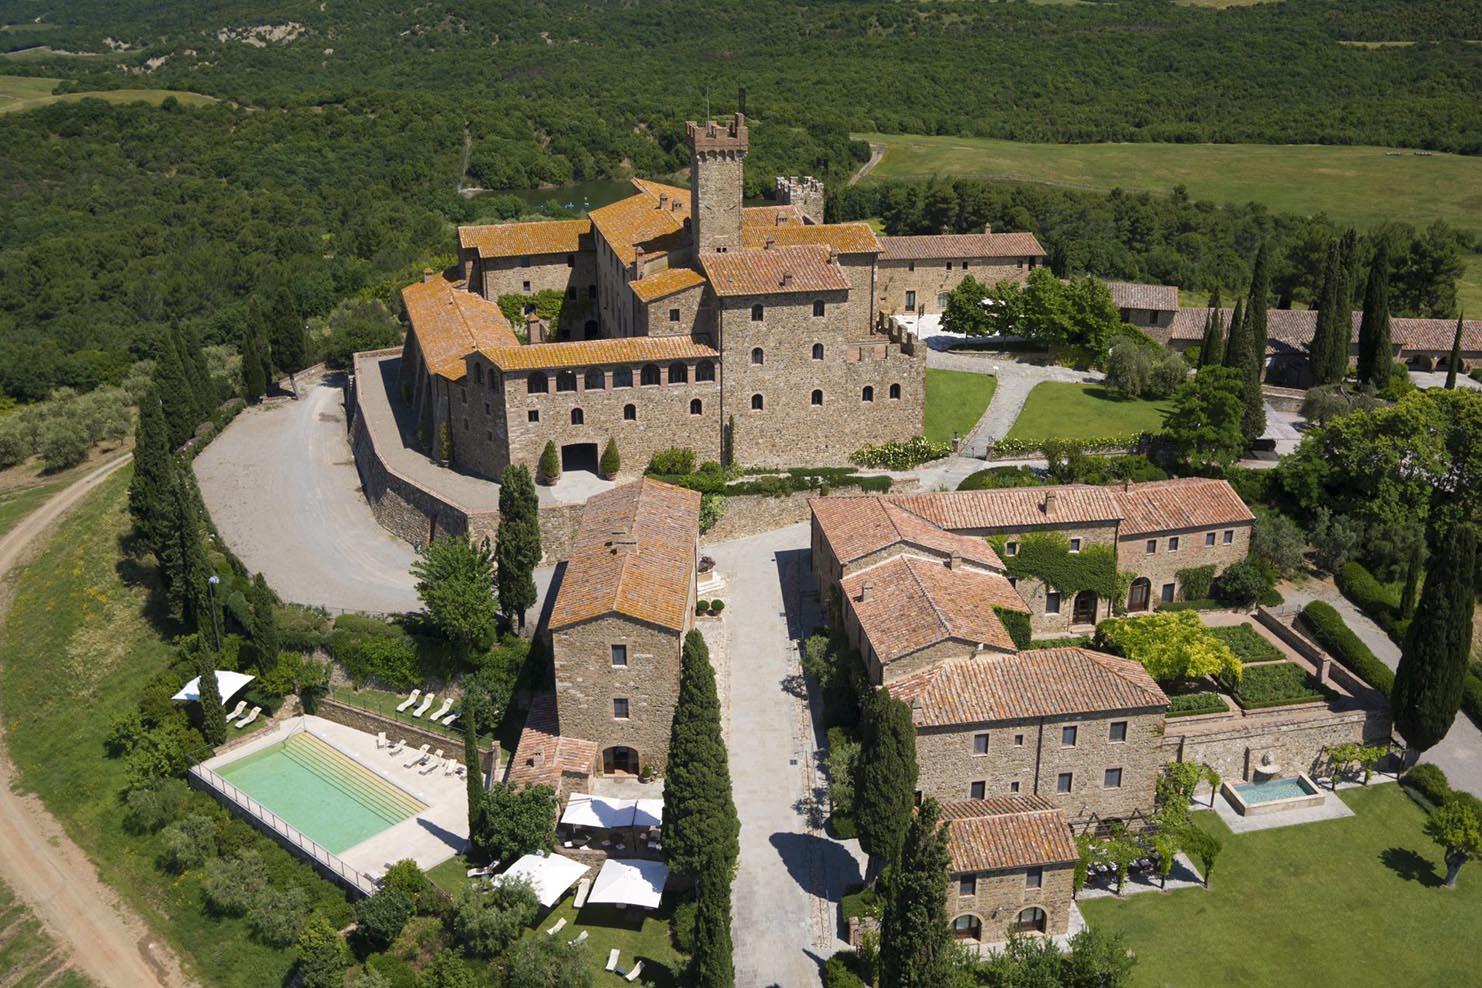 ITALY BOXES_0027_002 Castillo Banfi Tuscany